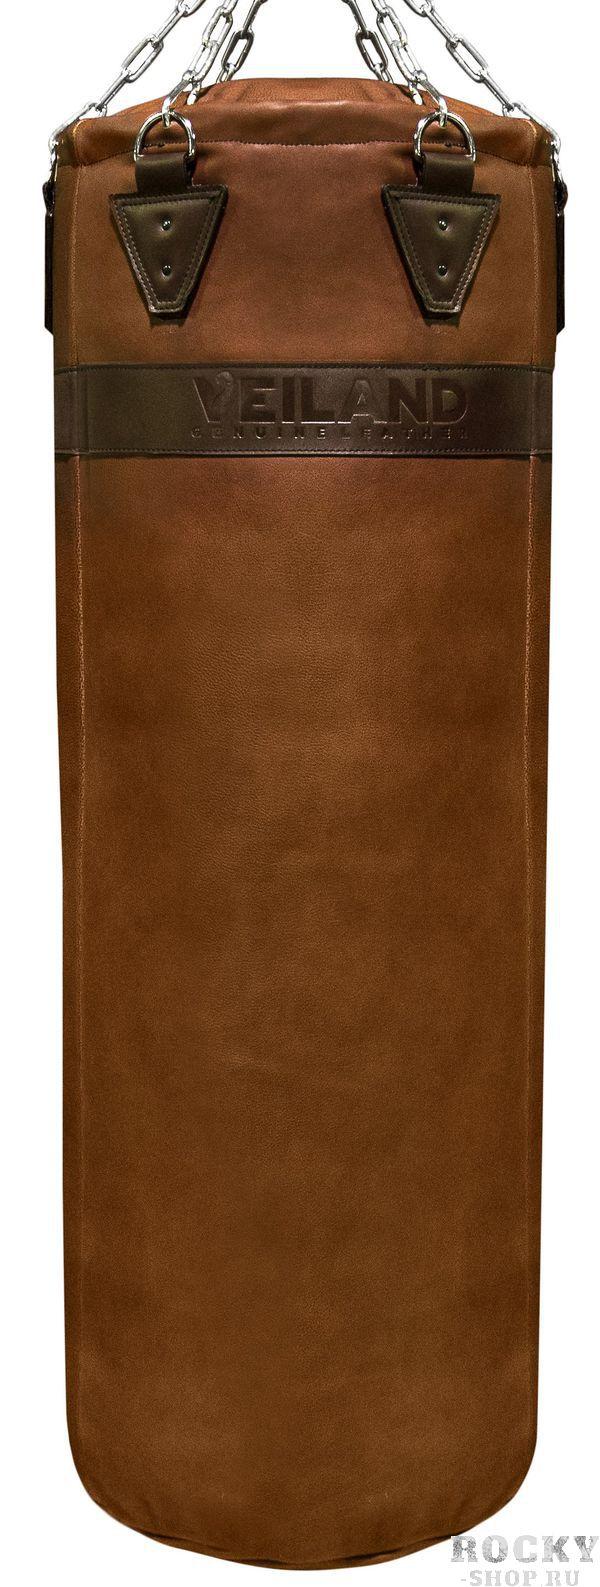 Профессиональный боксерский мешок Veiland, кожа, 140х40см, 55кг Veiland